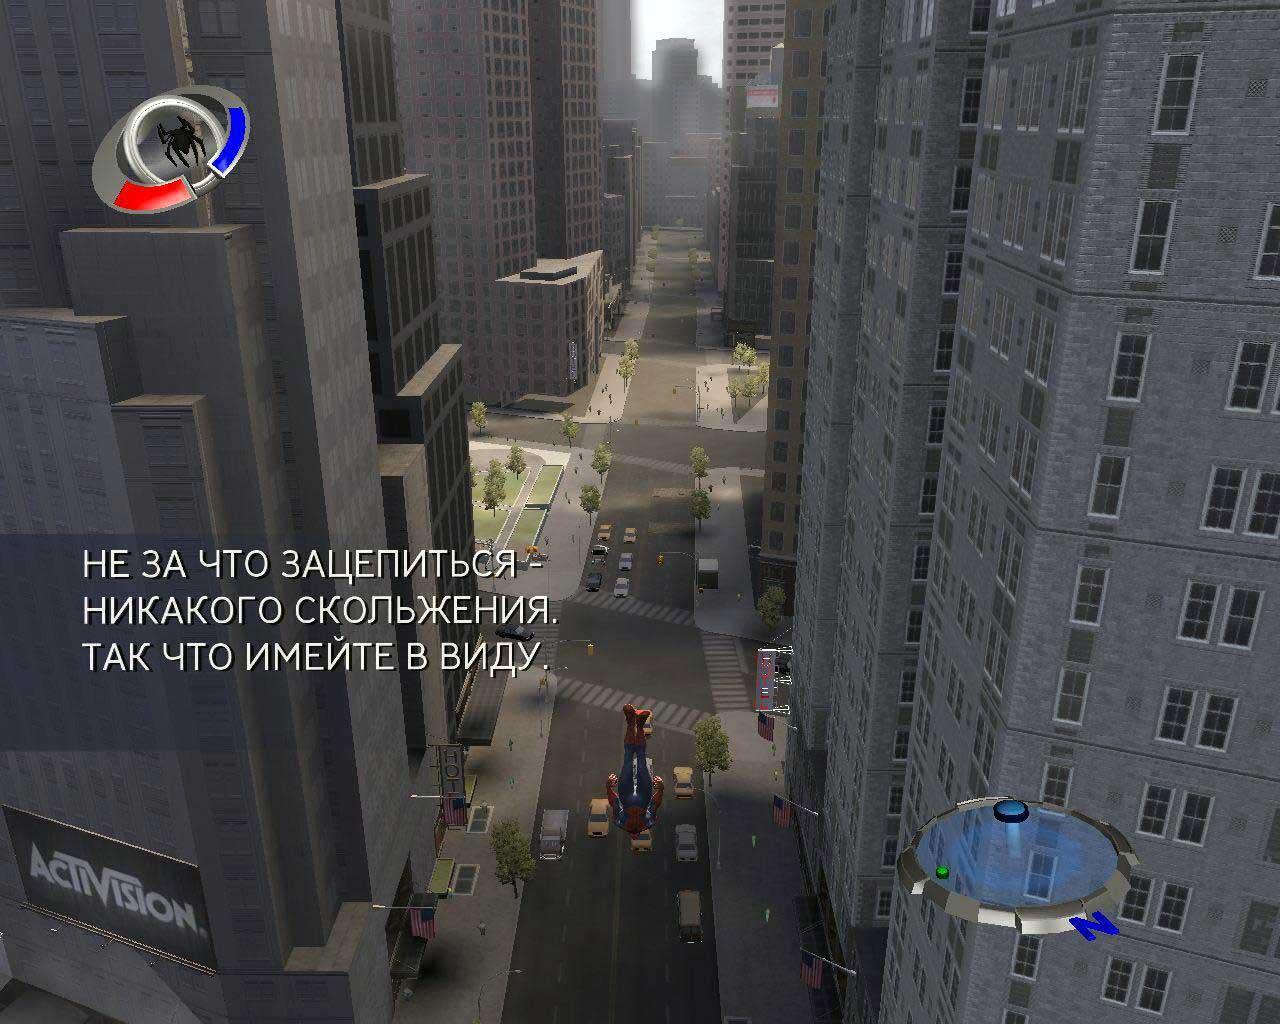 скачать бесплатную игру человек паук 3: